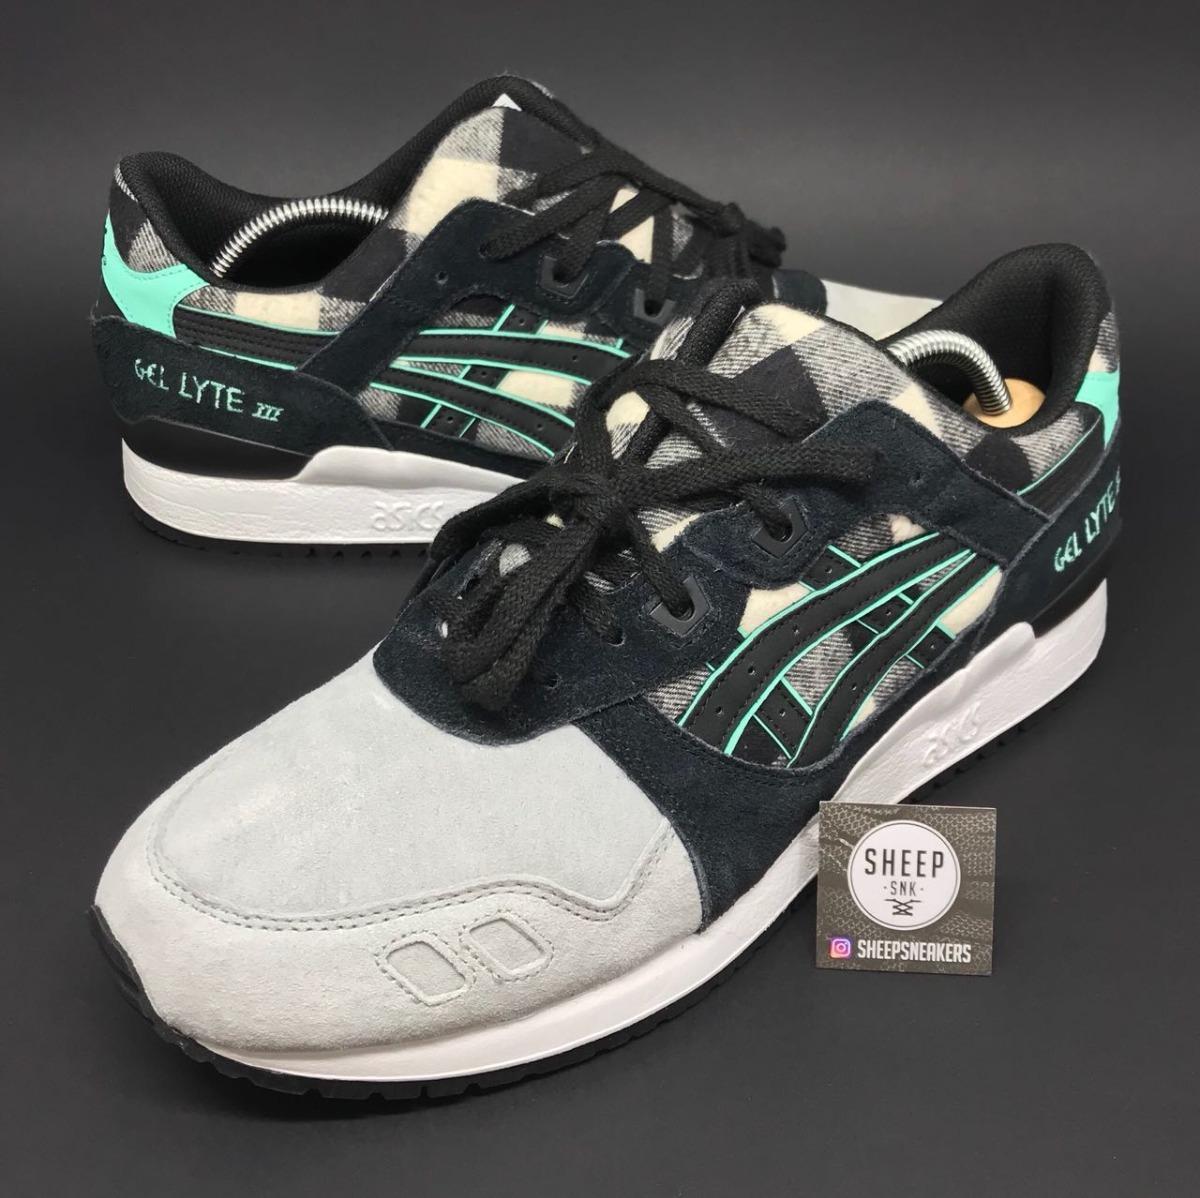 tênis asics gel lyte iii original runner retro estilo. Carregando zoom. 19528e51f9fd3